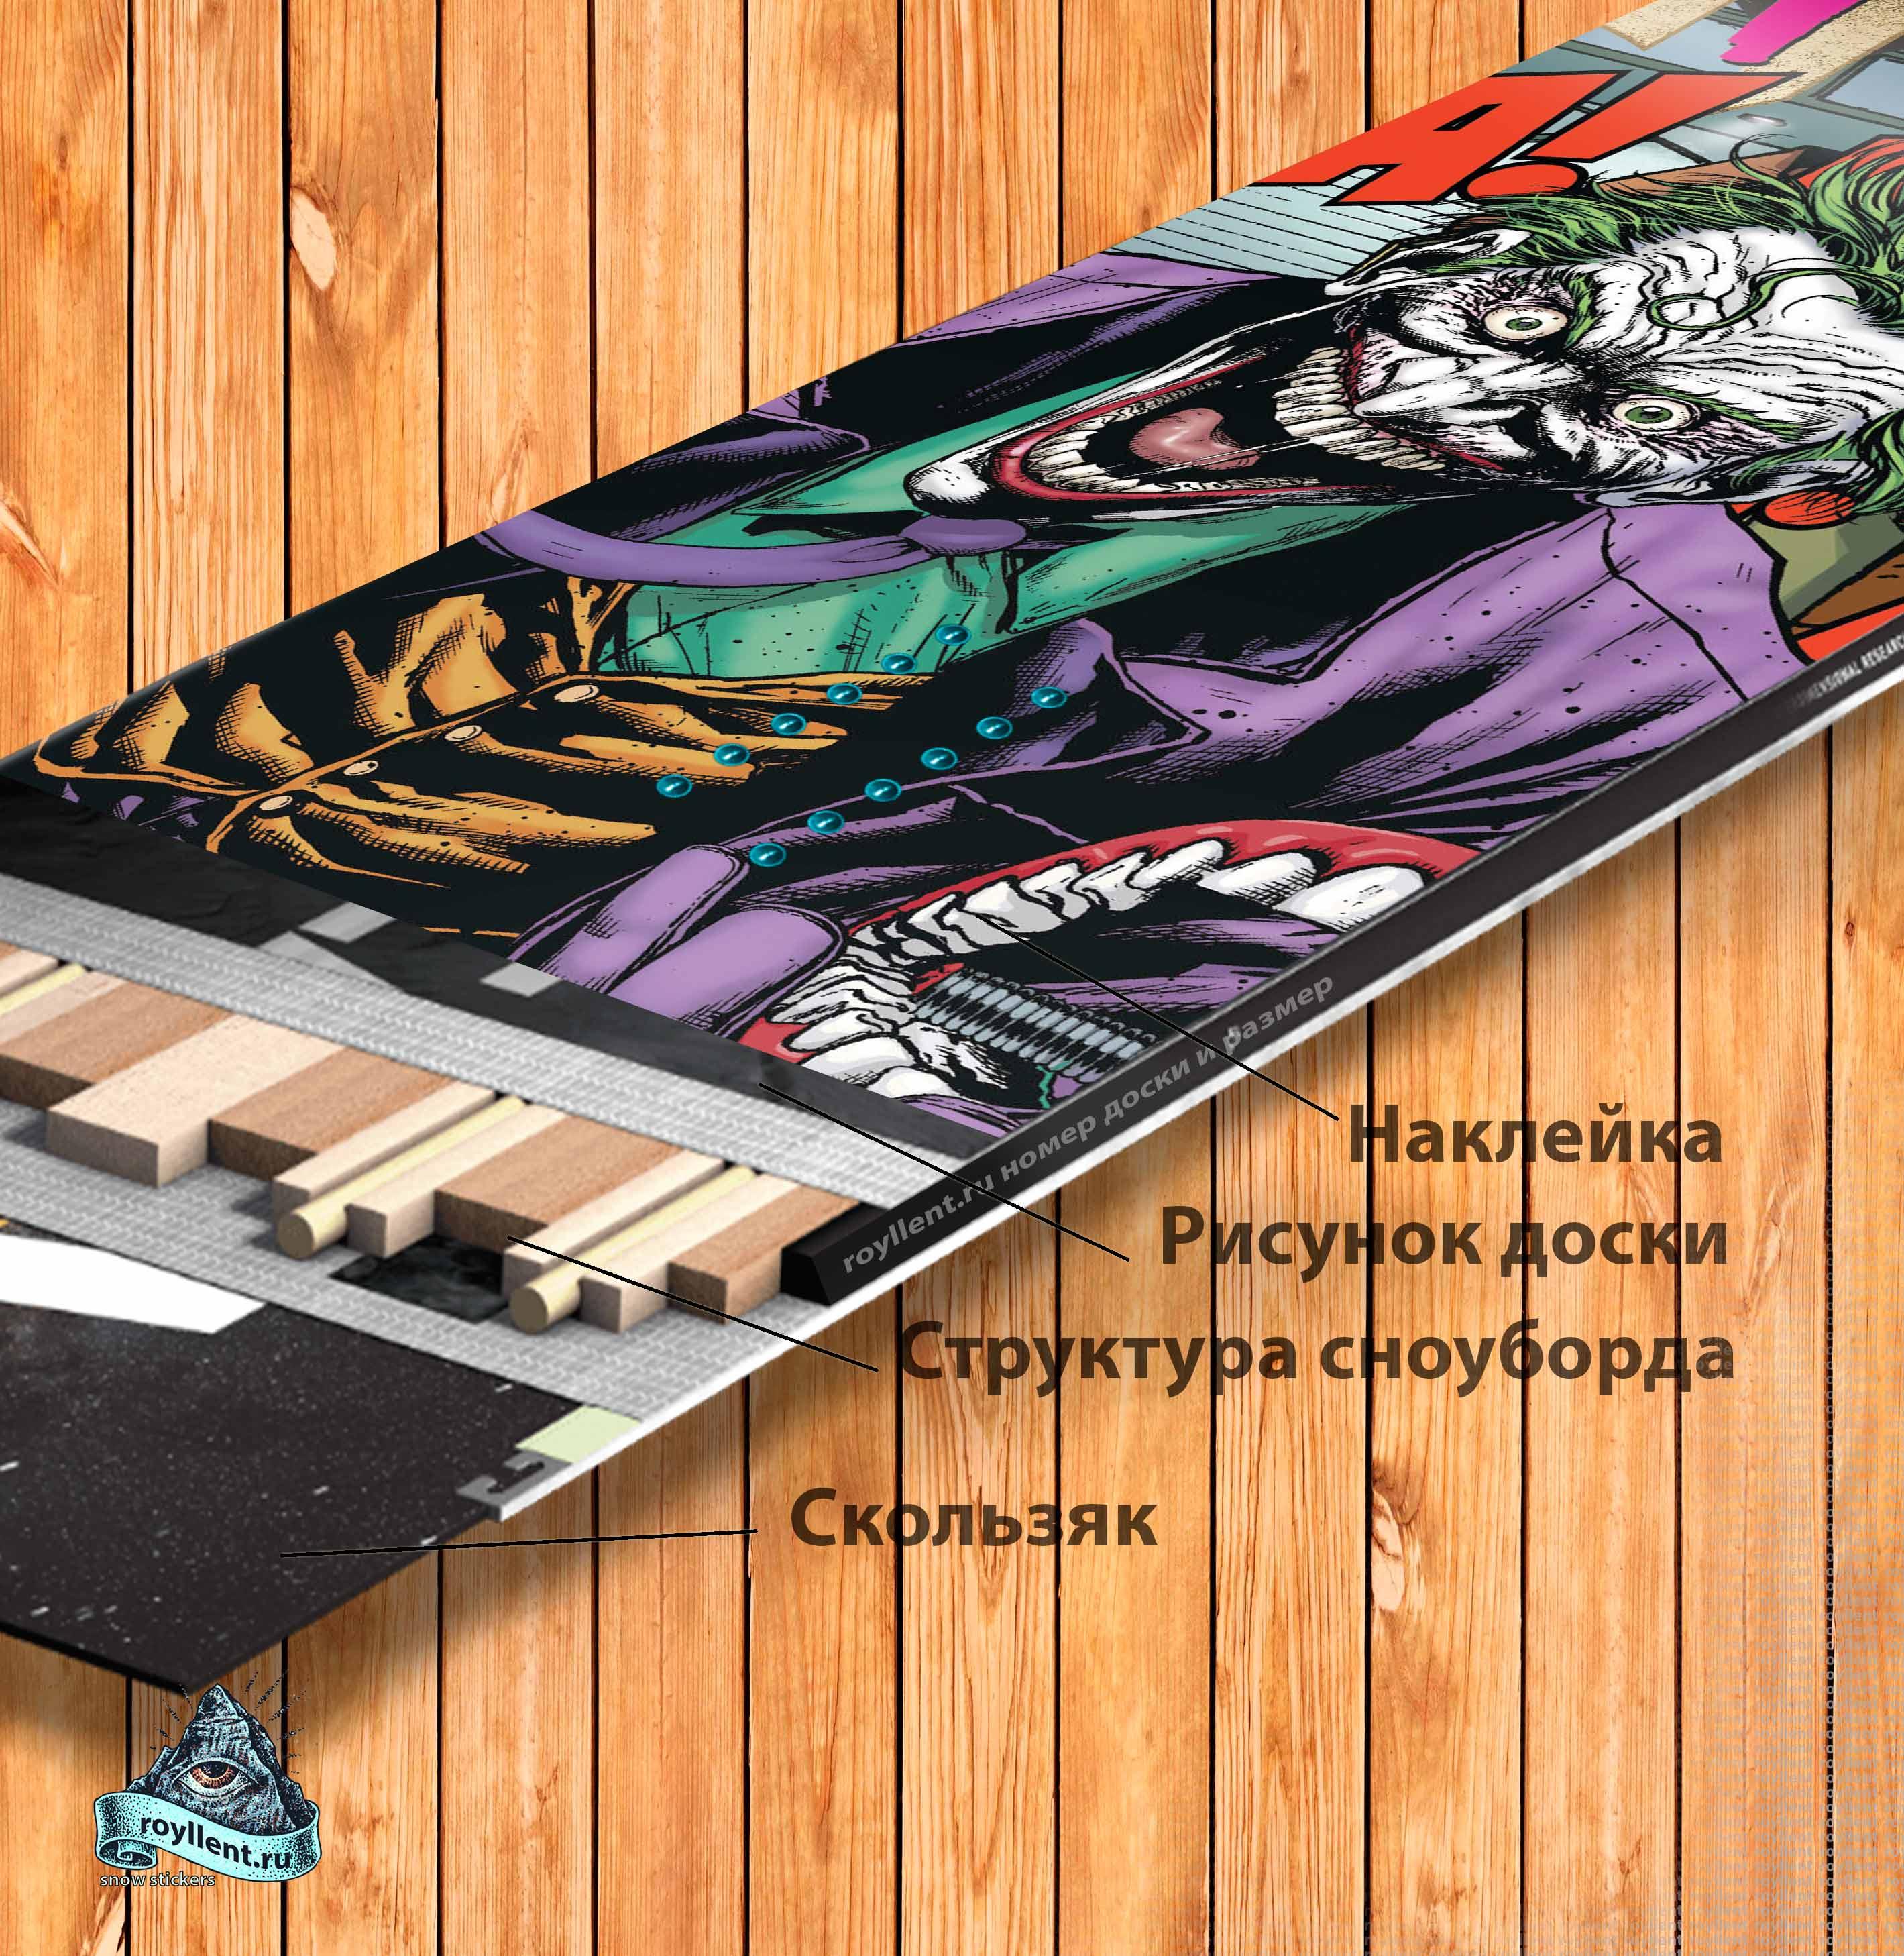 Где купить наклейку недорого на сноуборд Джокер Бэтман Готэмсити